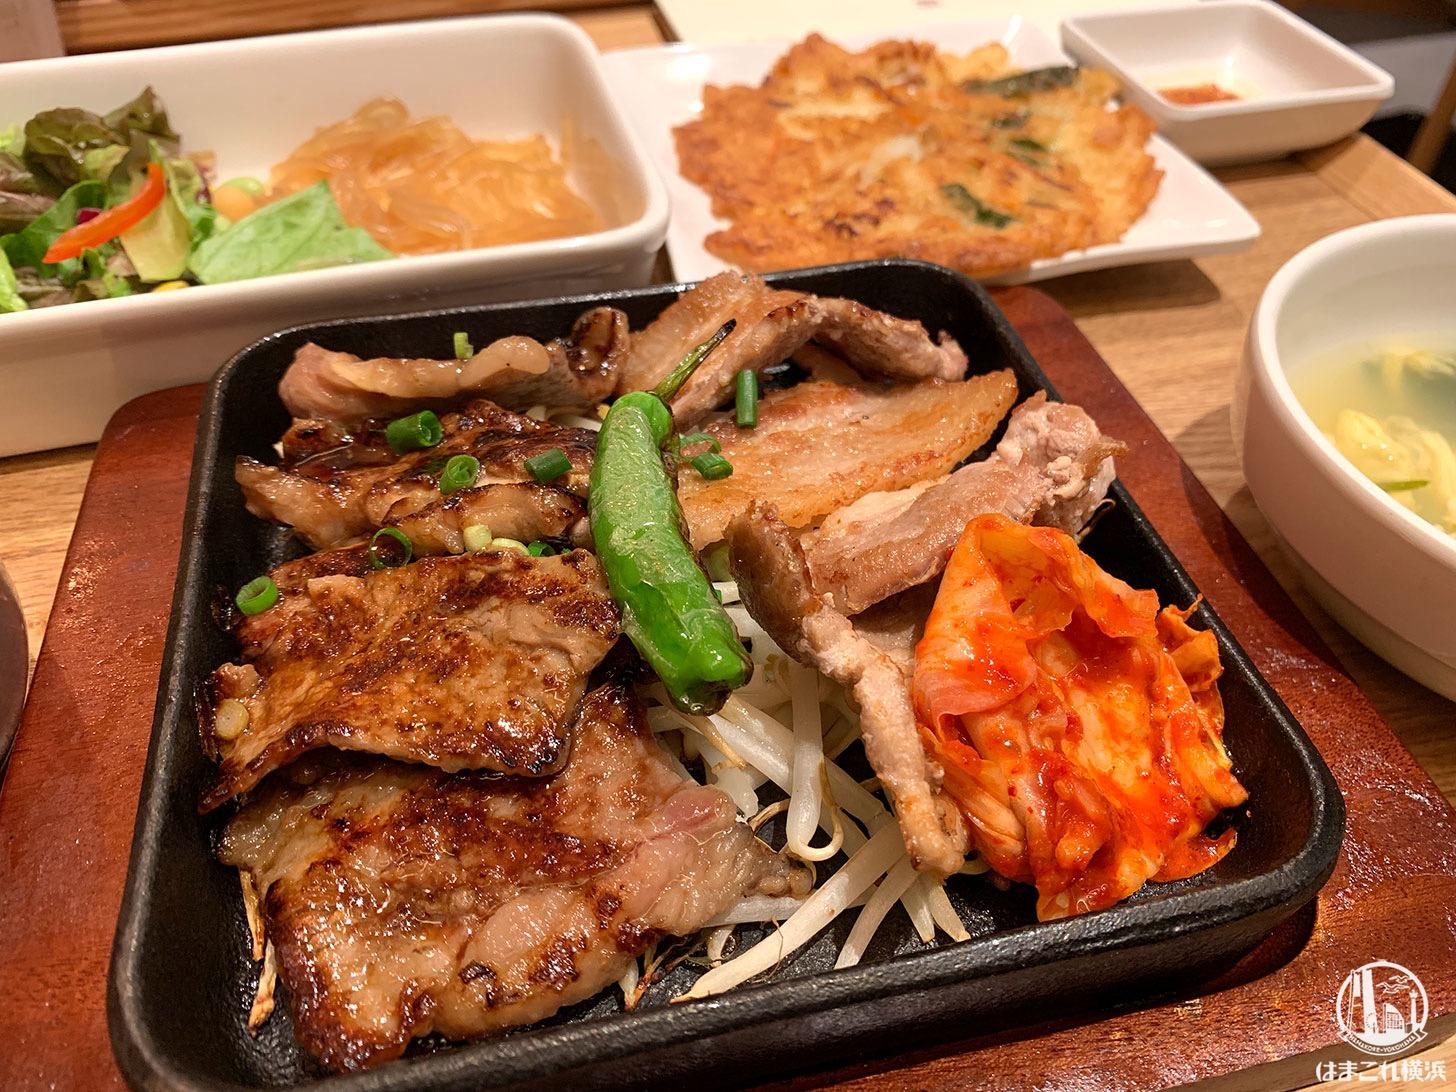 横浜駅「韓美膳(ハンビジェ)」のランチが韓国料理いろいろセットで会話も弾む旨さ!